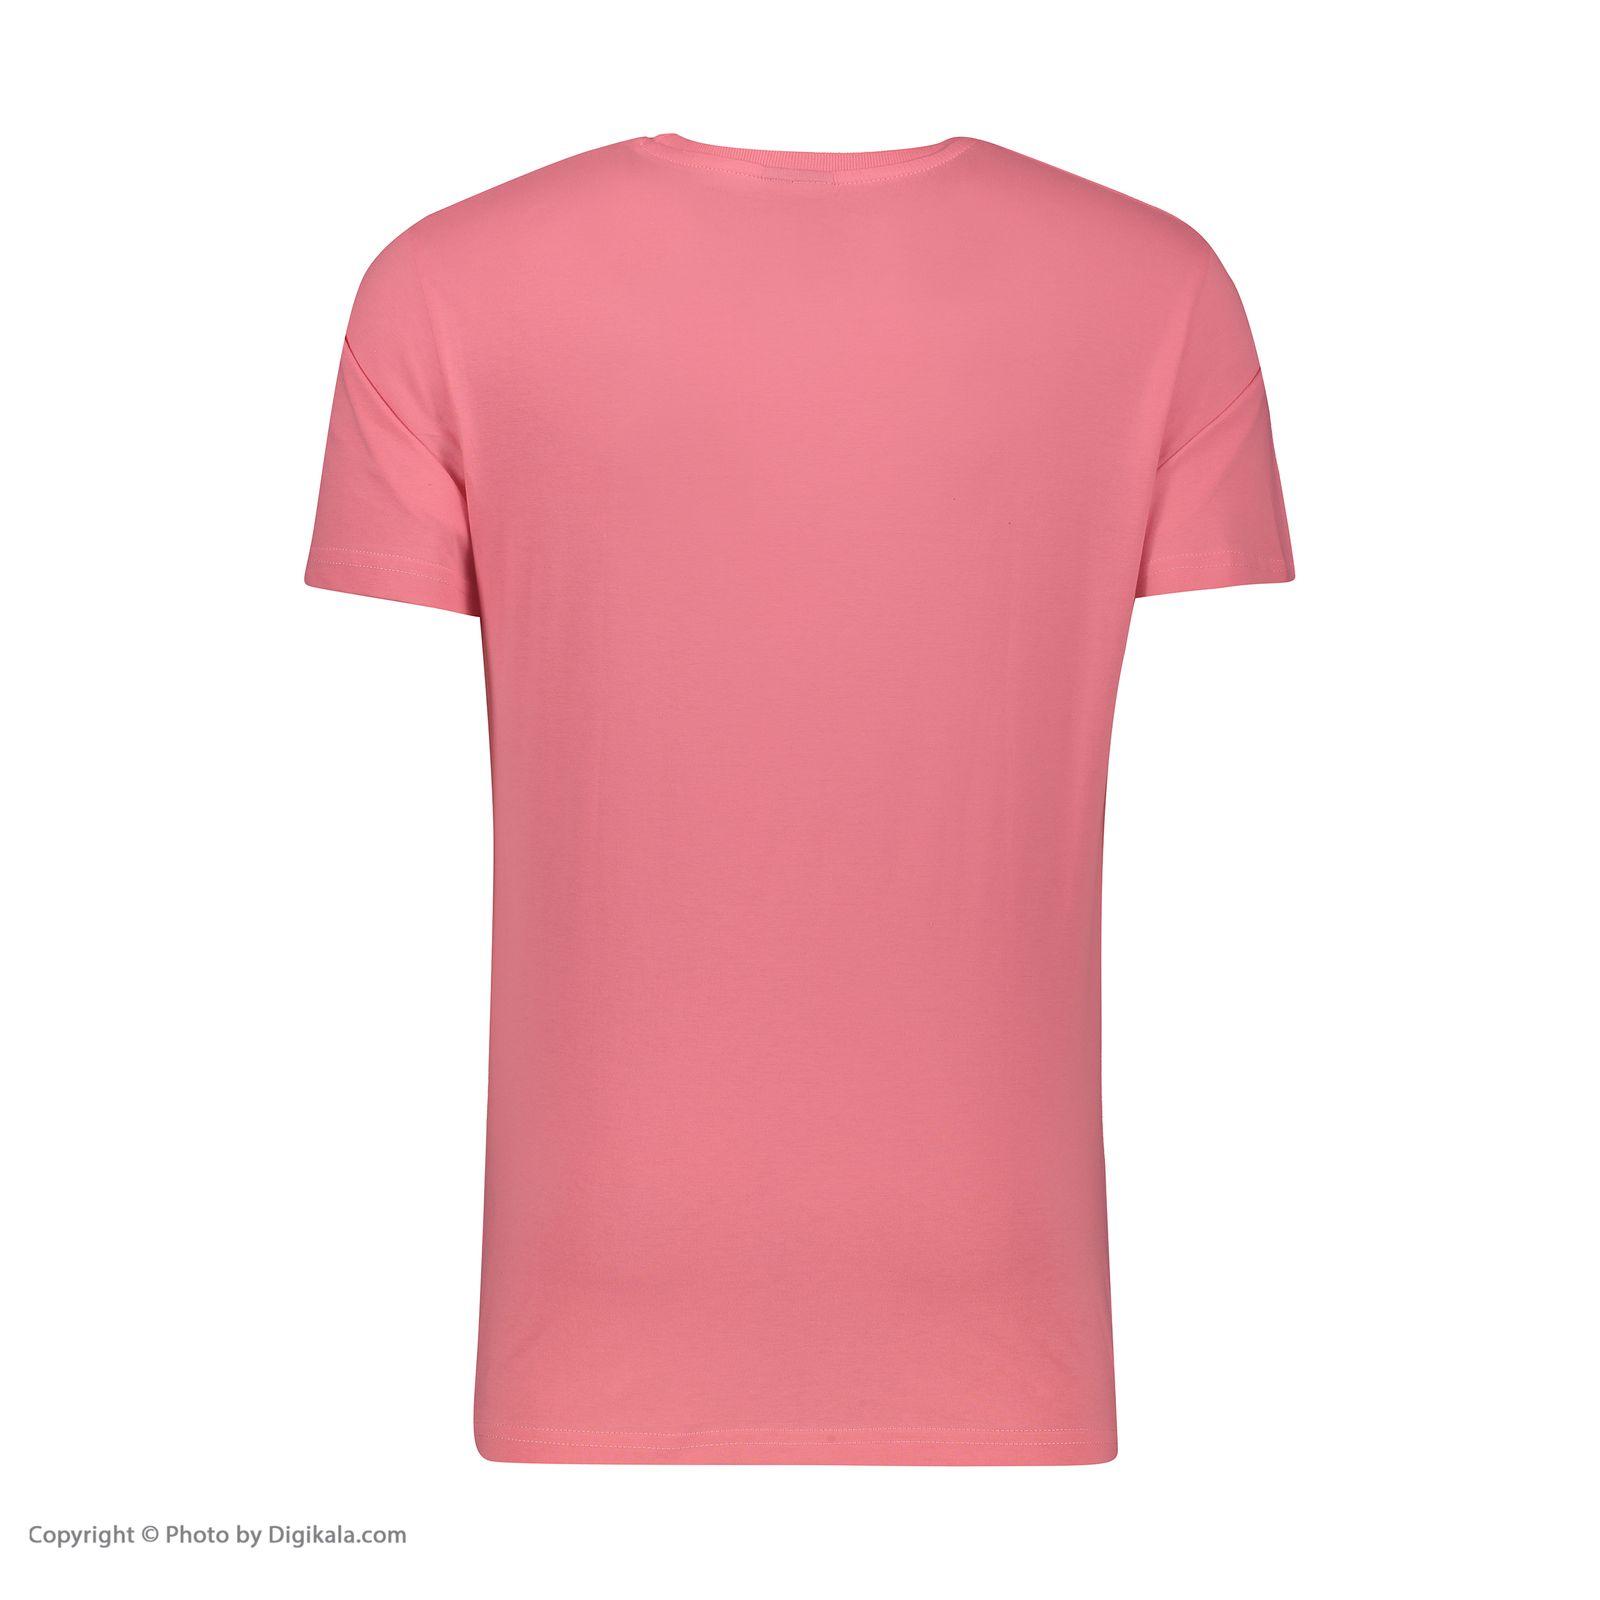 تی شرت ورزشی مردانه یونی پرو مدل 914119303-40 -  - 4